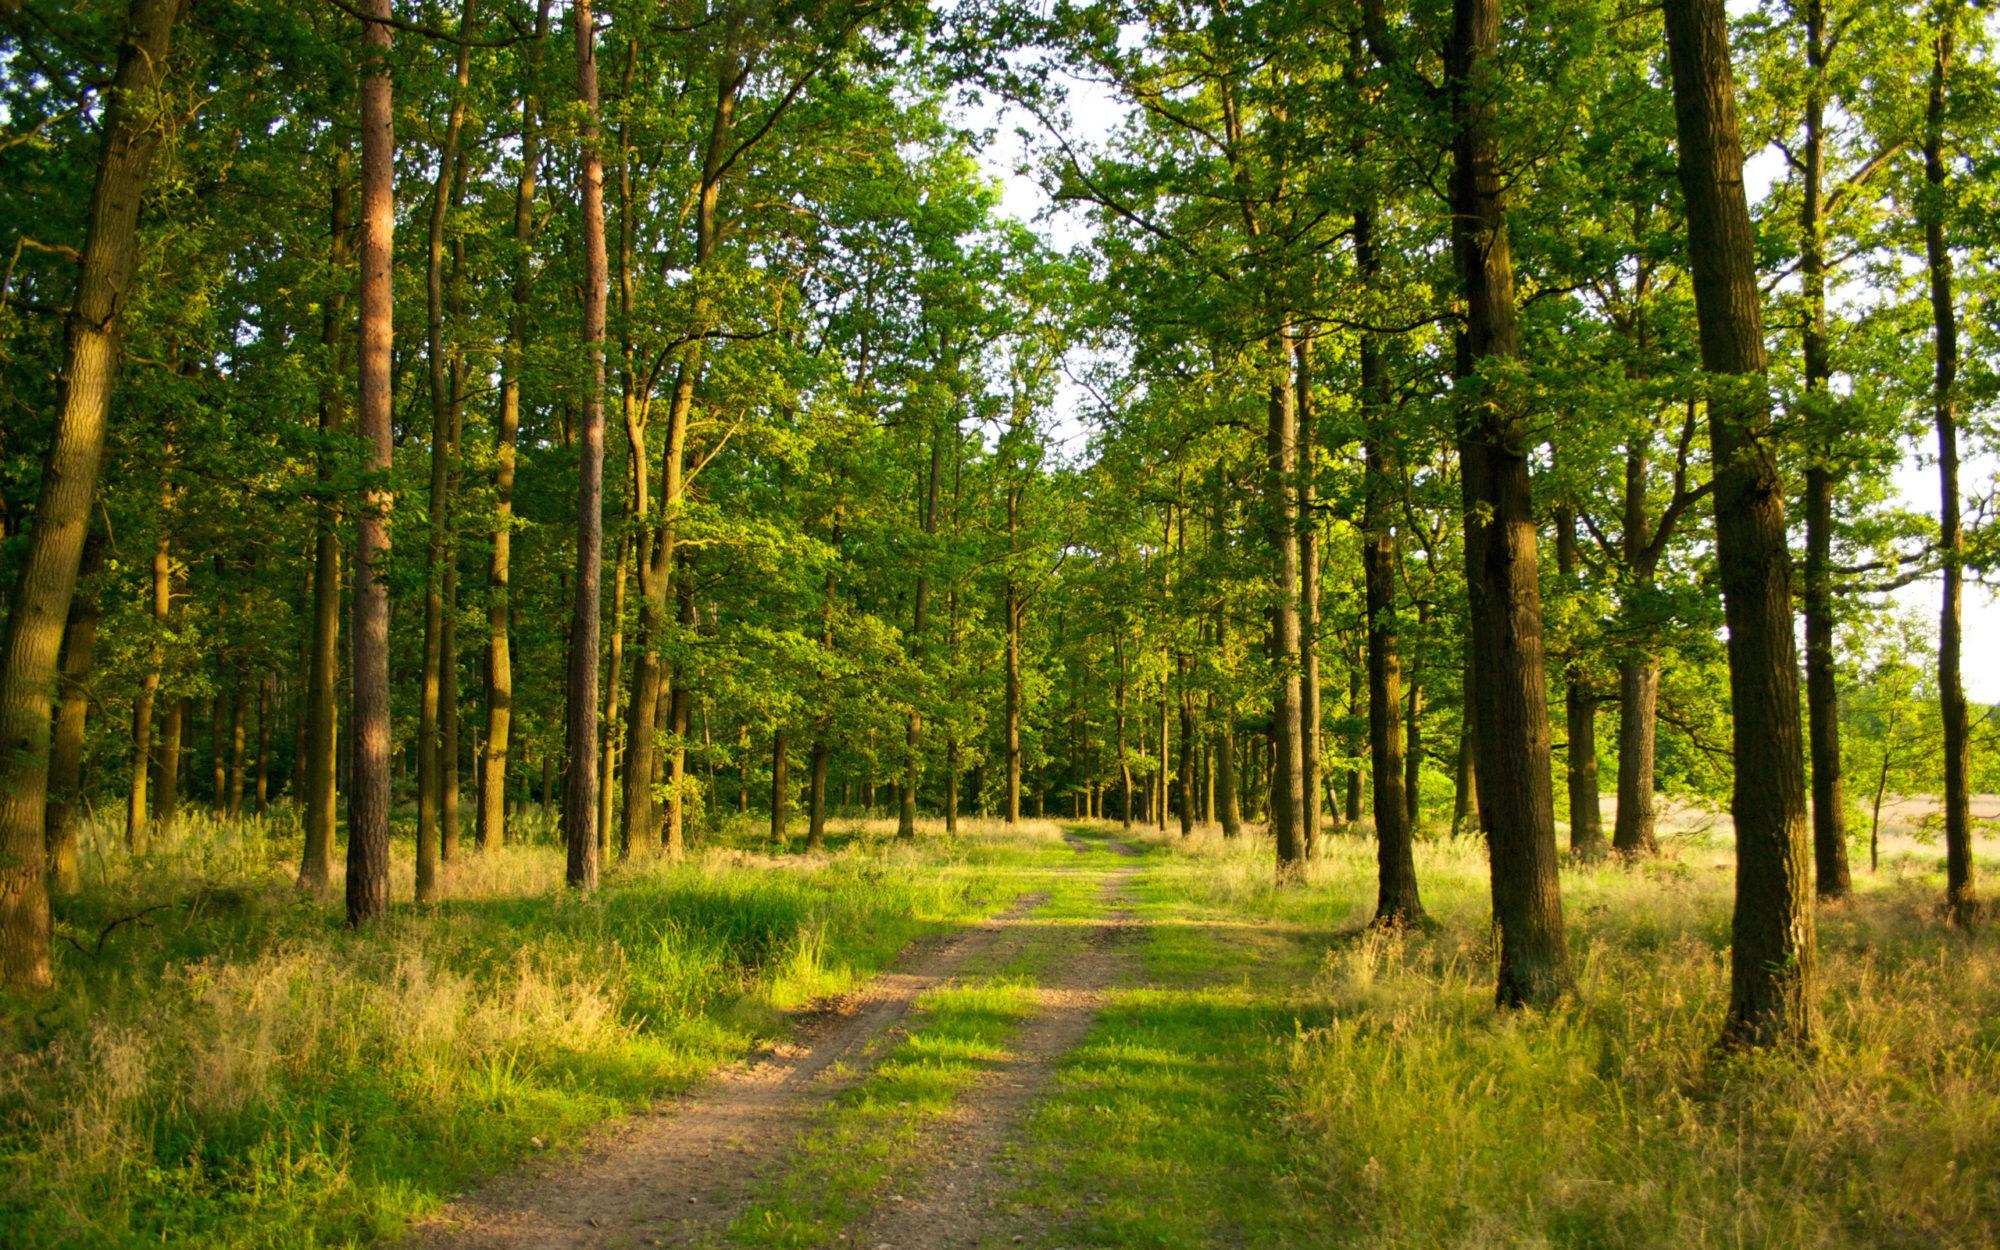 На Бородянщині 1 га лісу вартістю понад 1 млн грн передали у приватну власність - лісгосп, Клавдієво - 11 zemlya 2000x1250